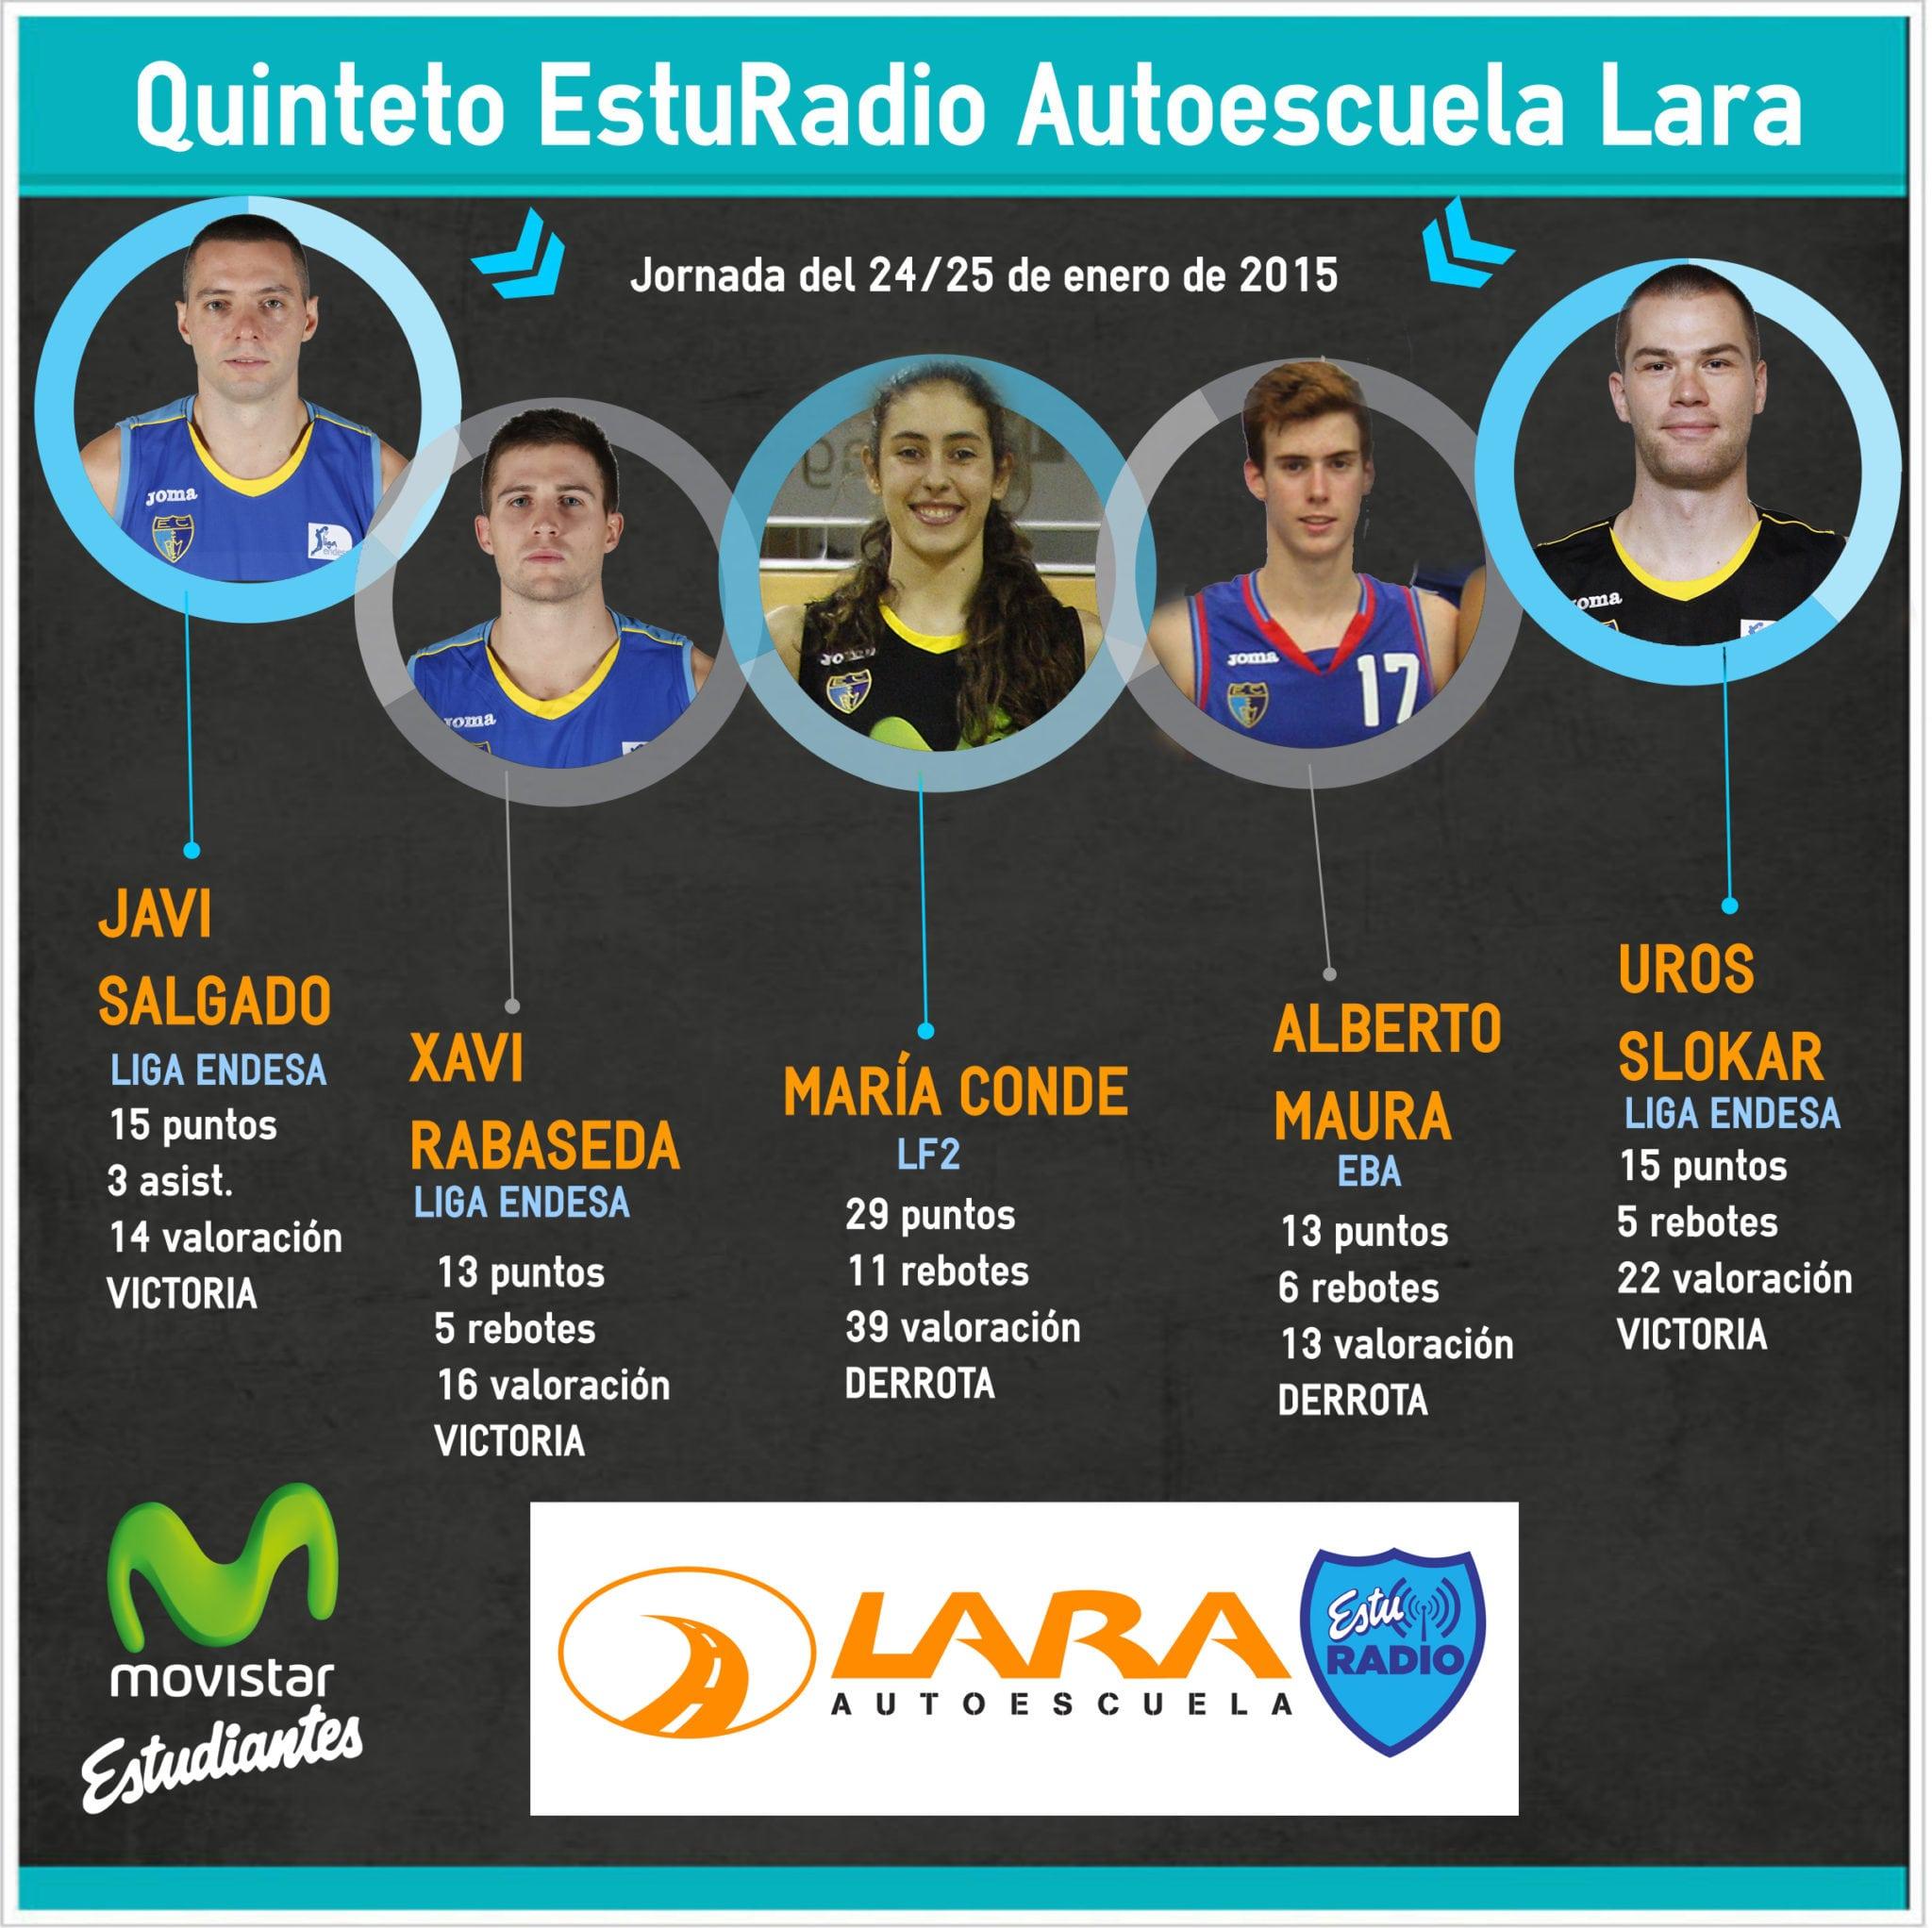 Quinteto EstuRadio Autoescuela Lara 24-25 enero: Javi Salgado, Xavi Rabaseda, María Conde, Alberto Maura y Uros Slokar